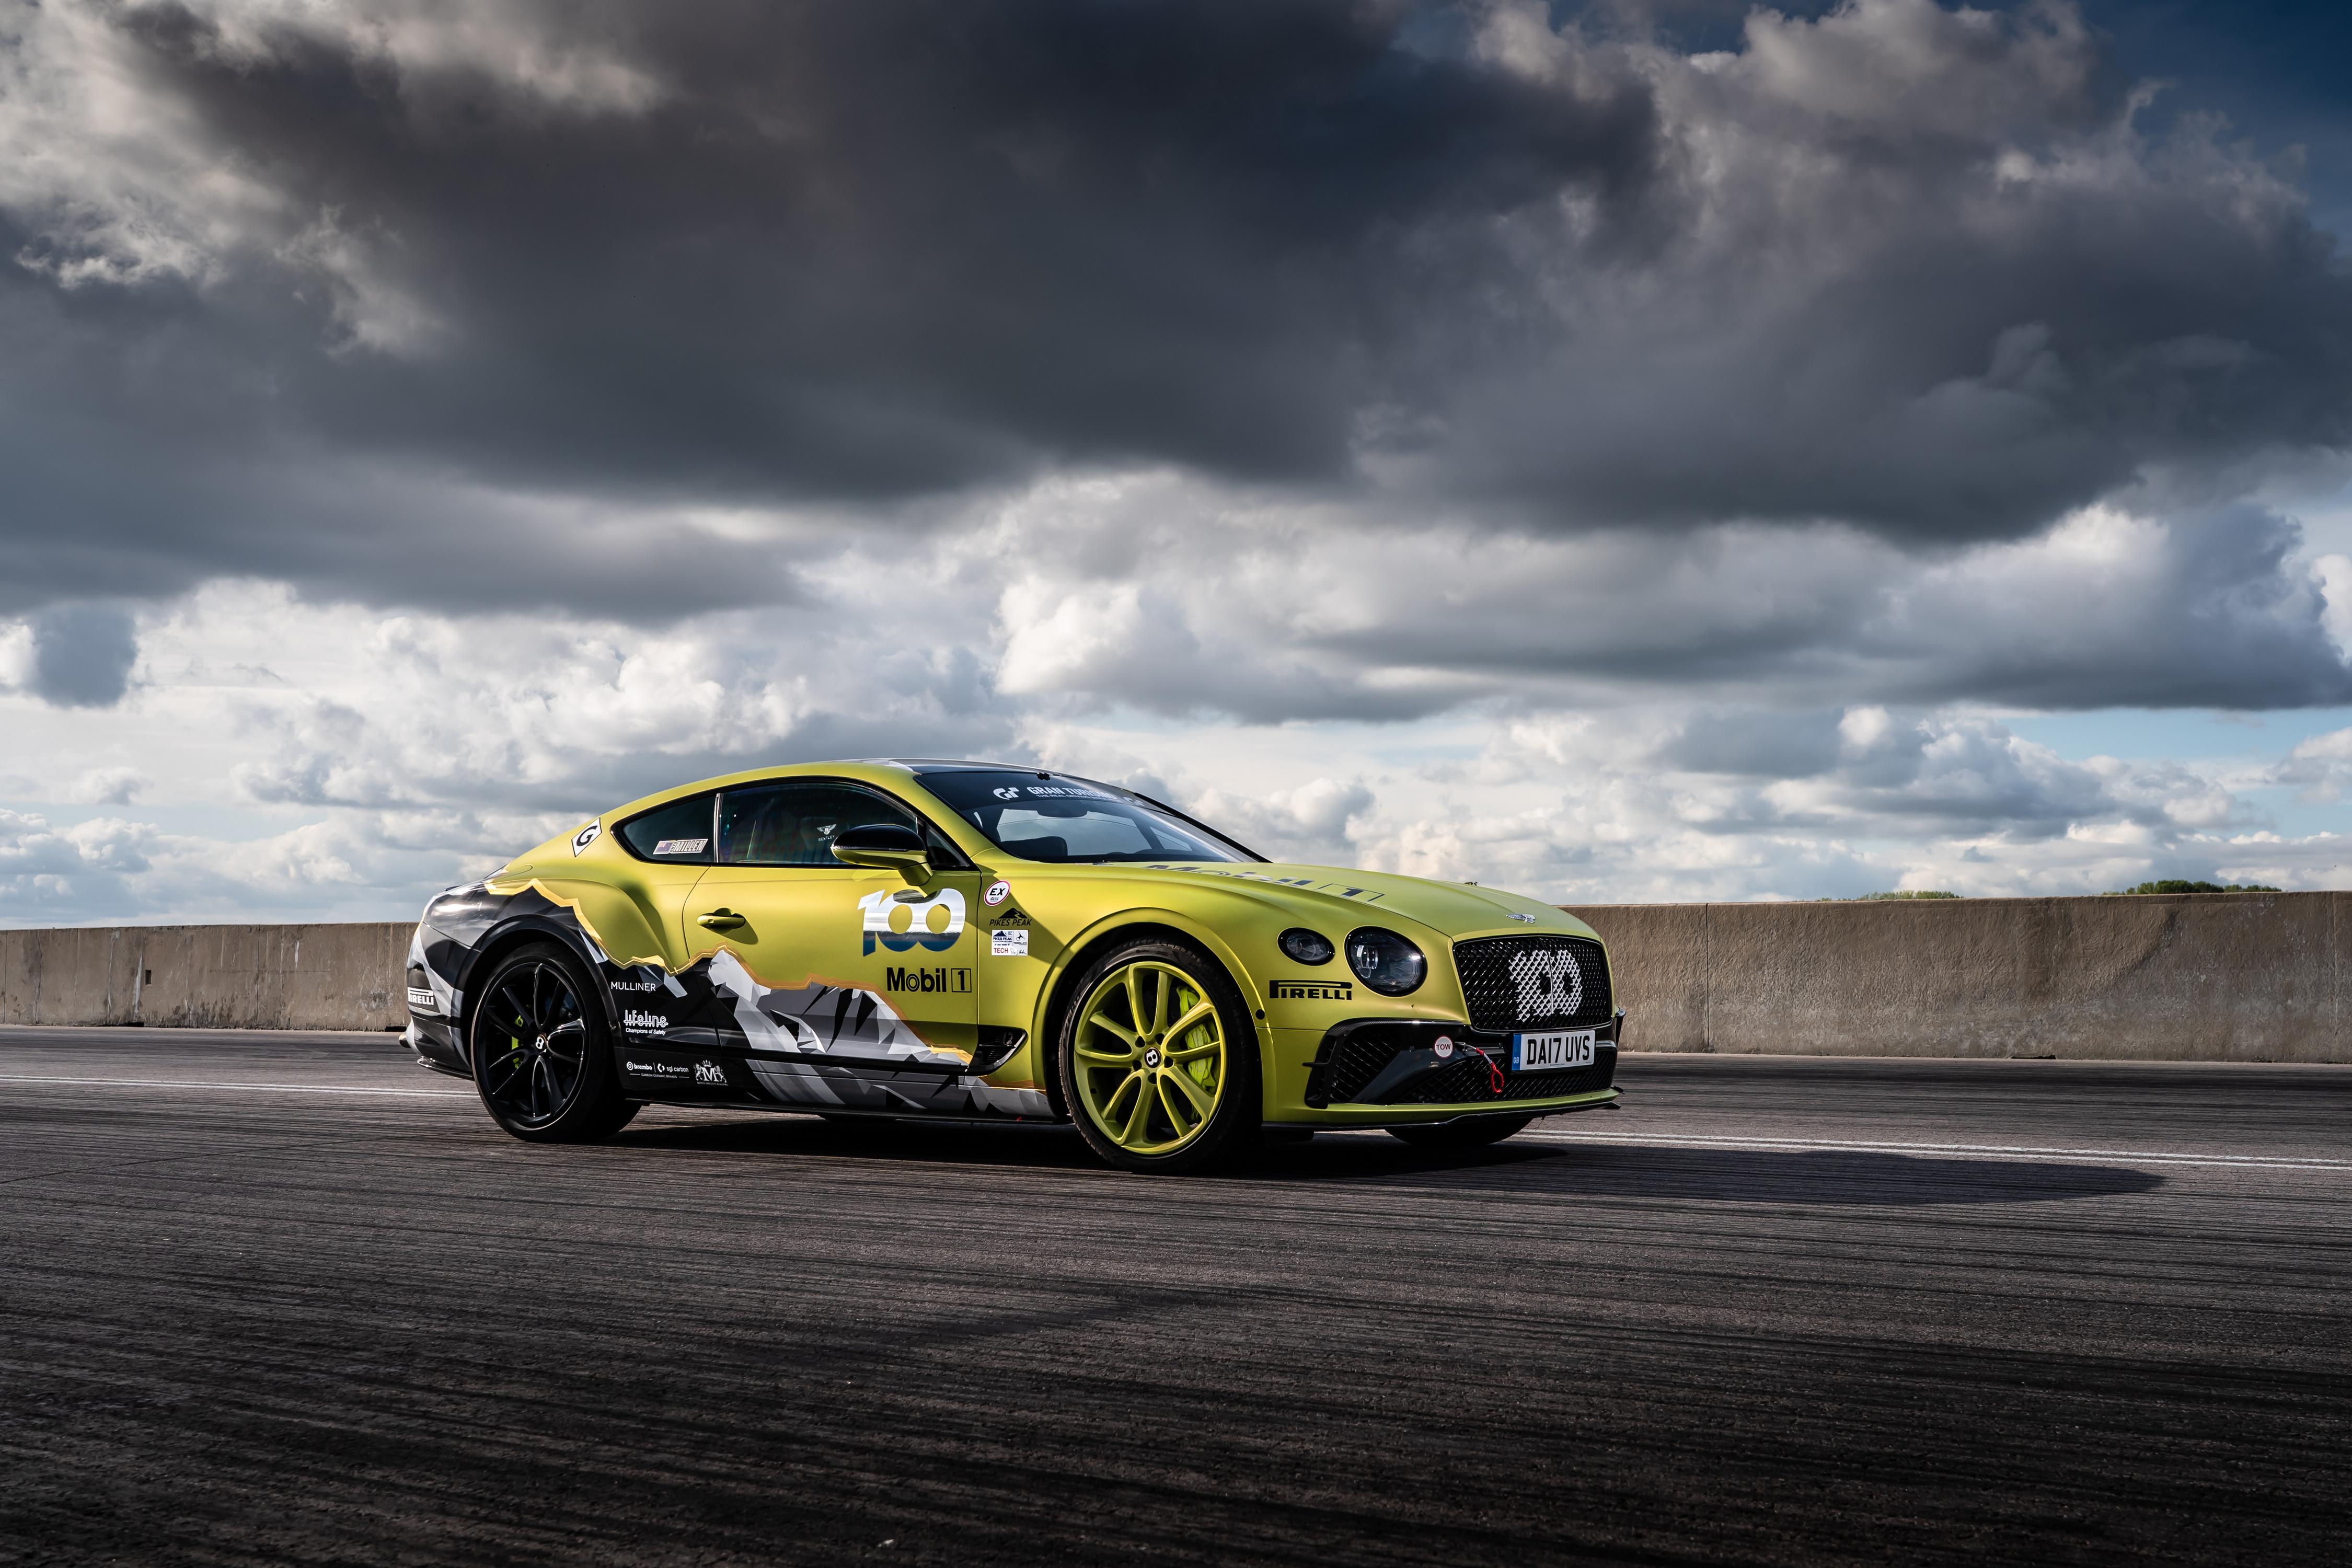 Обои для рабочего стола Бентли Continental GT Pikes Peak, 2019 Сбоку машины Облака 4500x3000 Bentley авто машина Автомобили автомобиль облако облачно